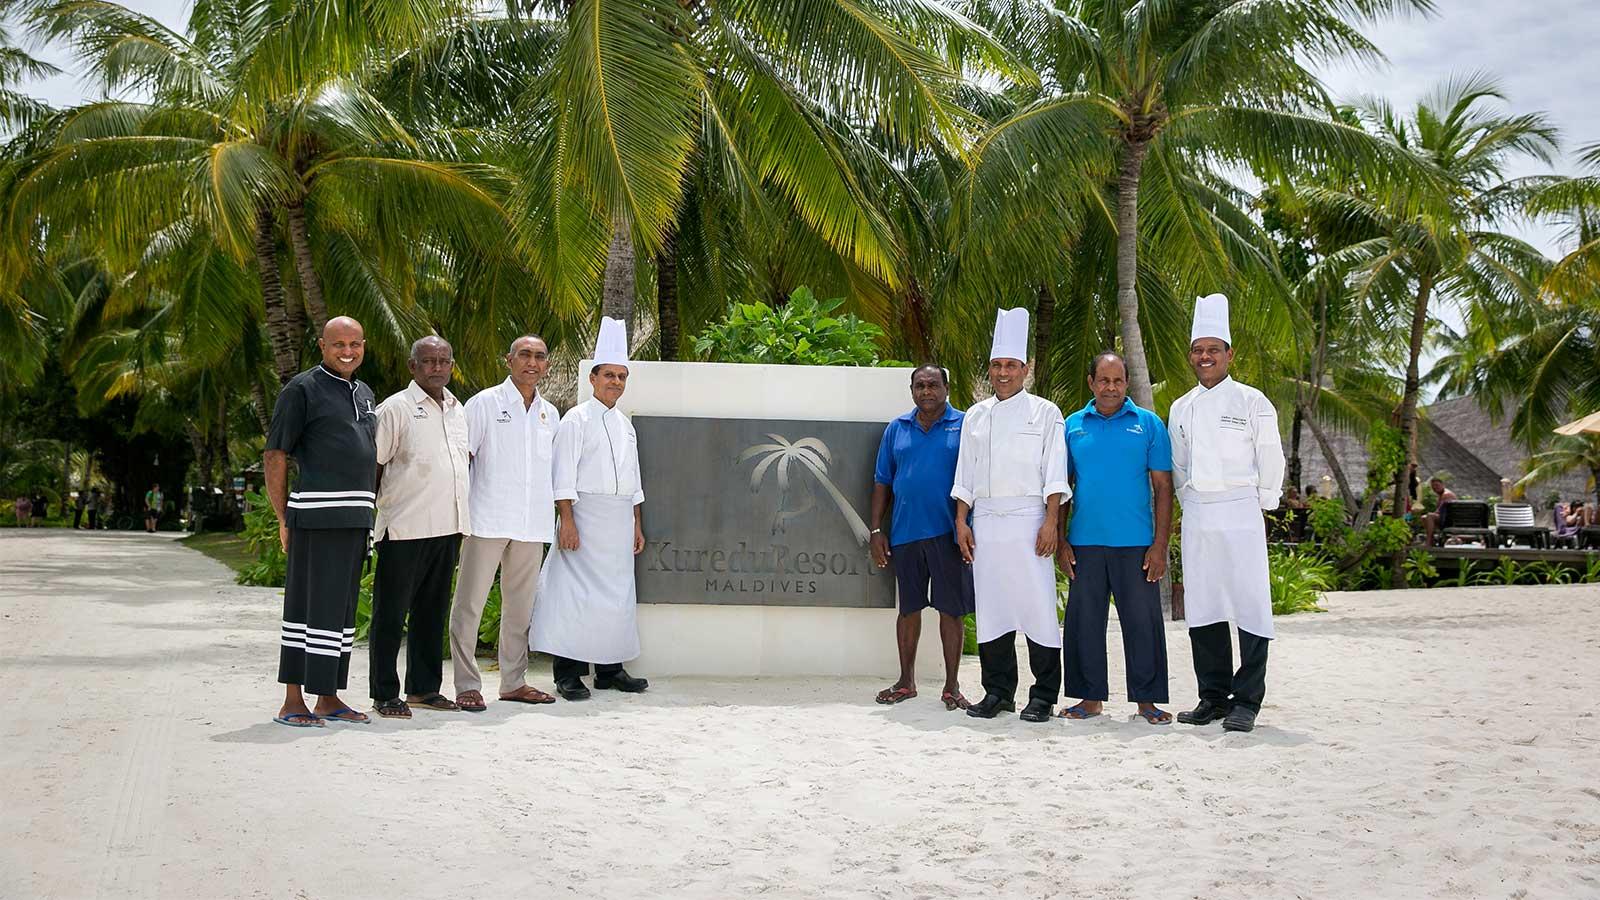 Kuredu malediven resort ber hmtheiten dienst lteste mitarbeiter - Geschenke an mitarbeiter buchen ...